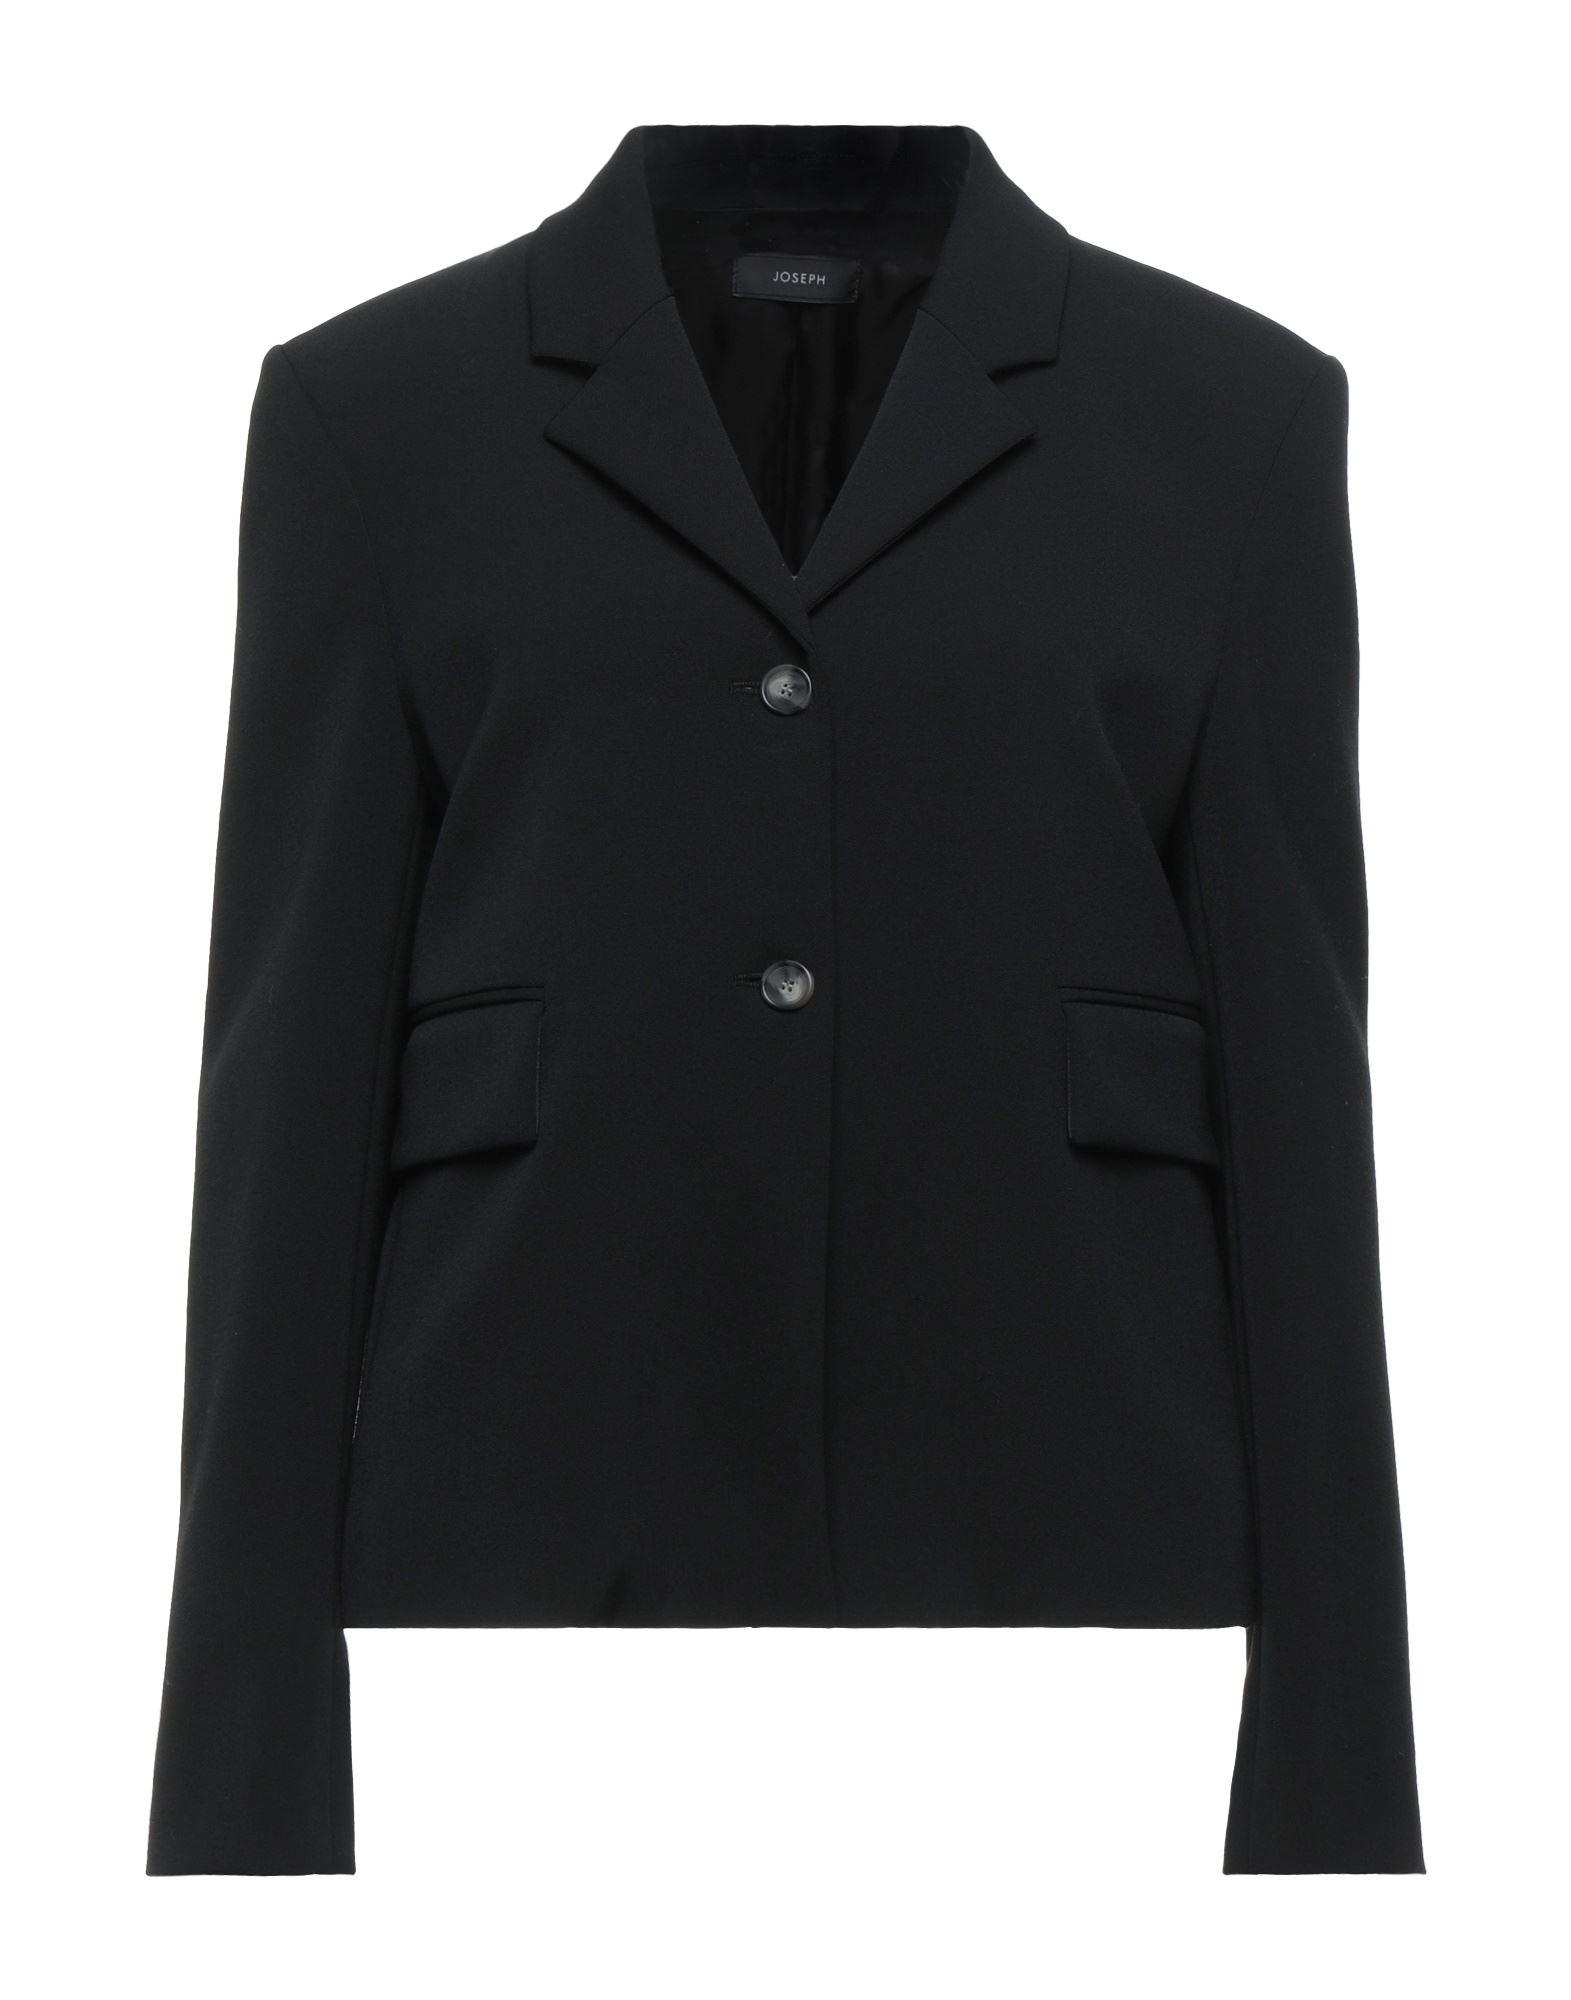 JOSEPH Suit jackets - Item 49649634